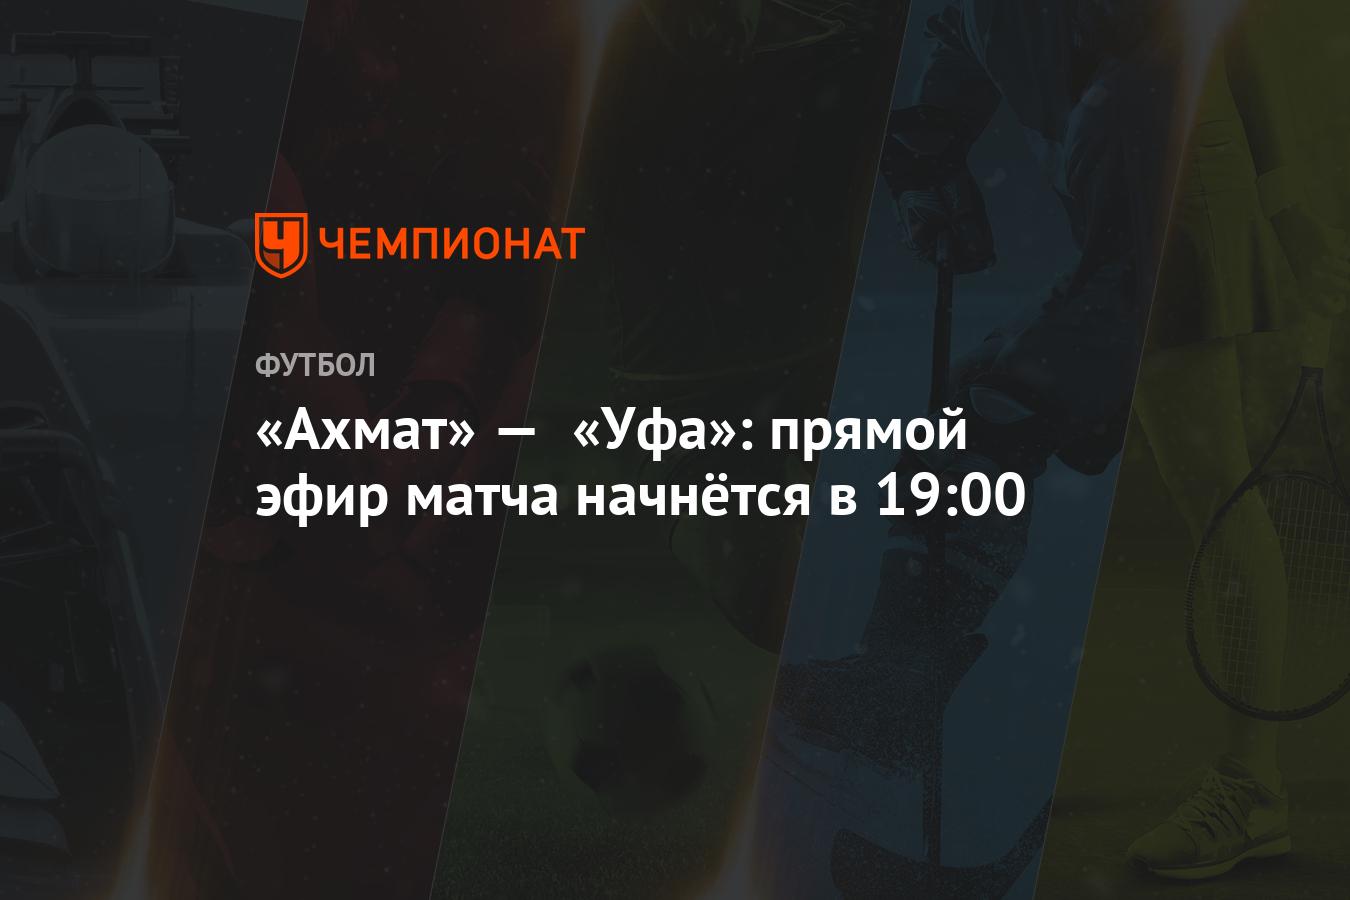 «Ахмат» — «Уфа»: прямой эфир матча начнётся в 19:00